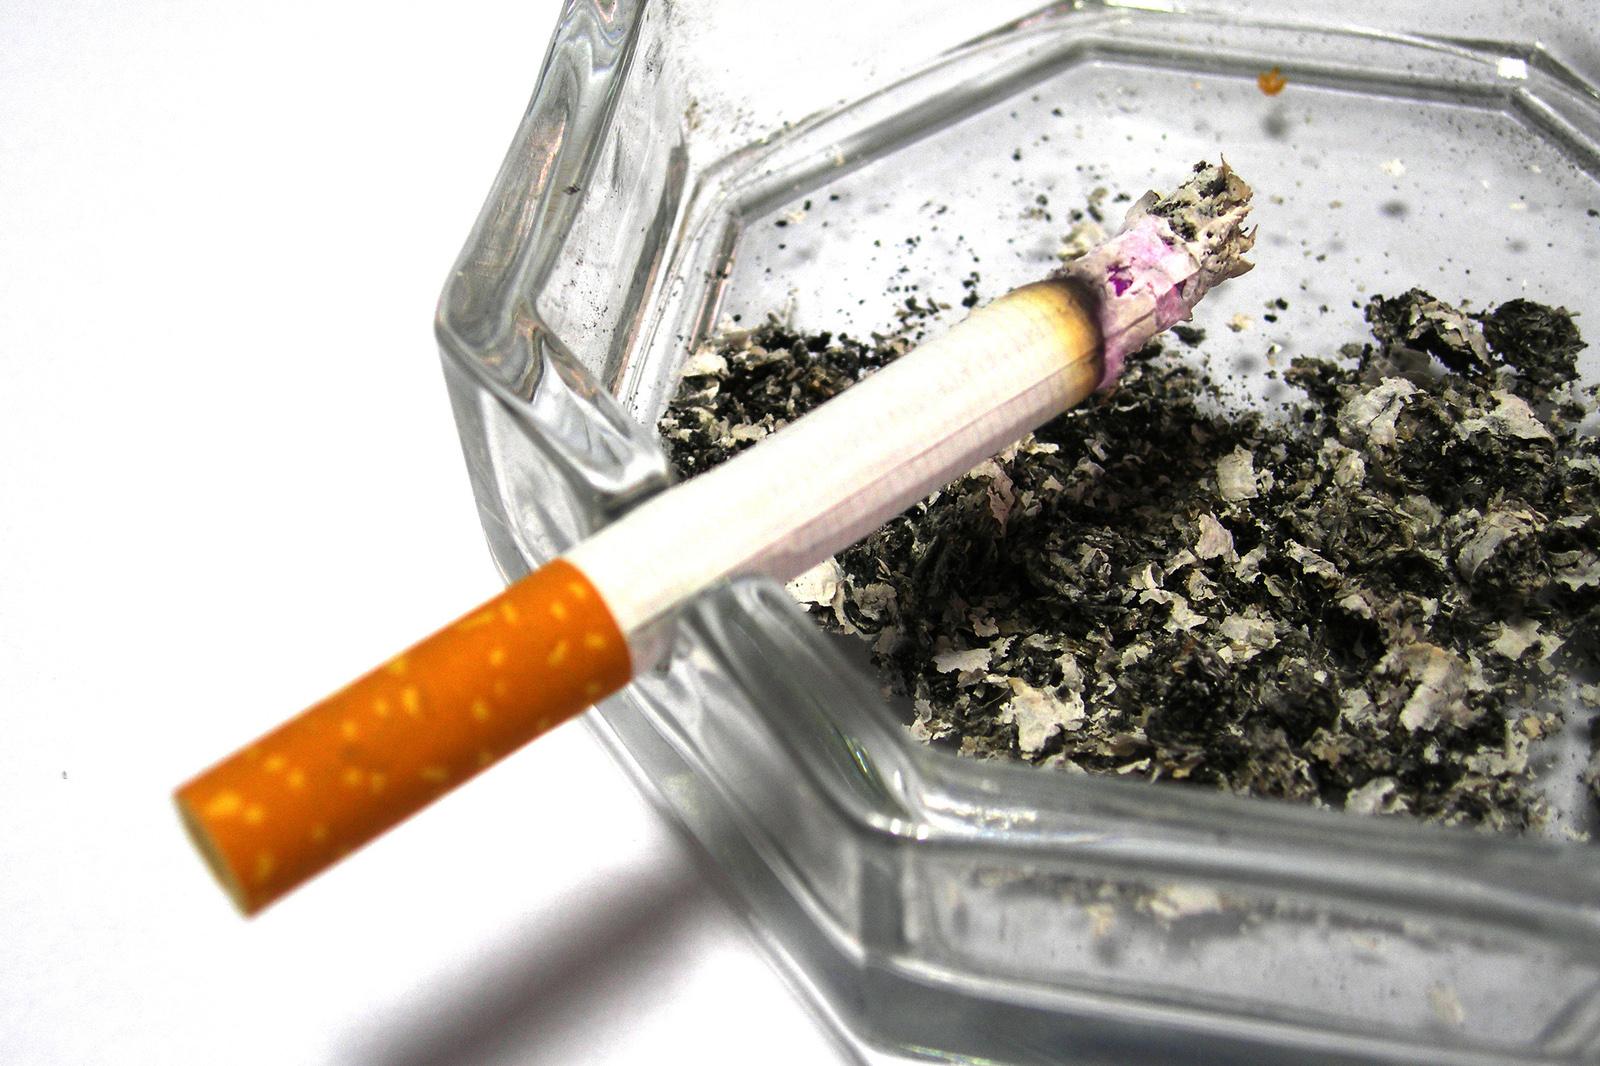 Zware rokers leven gemiddeld 13 jaar korter